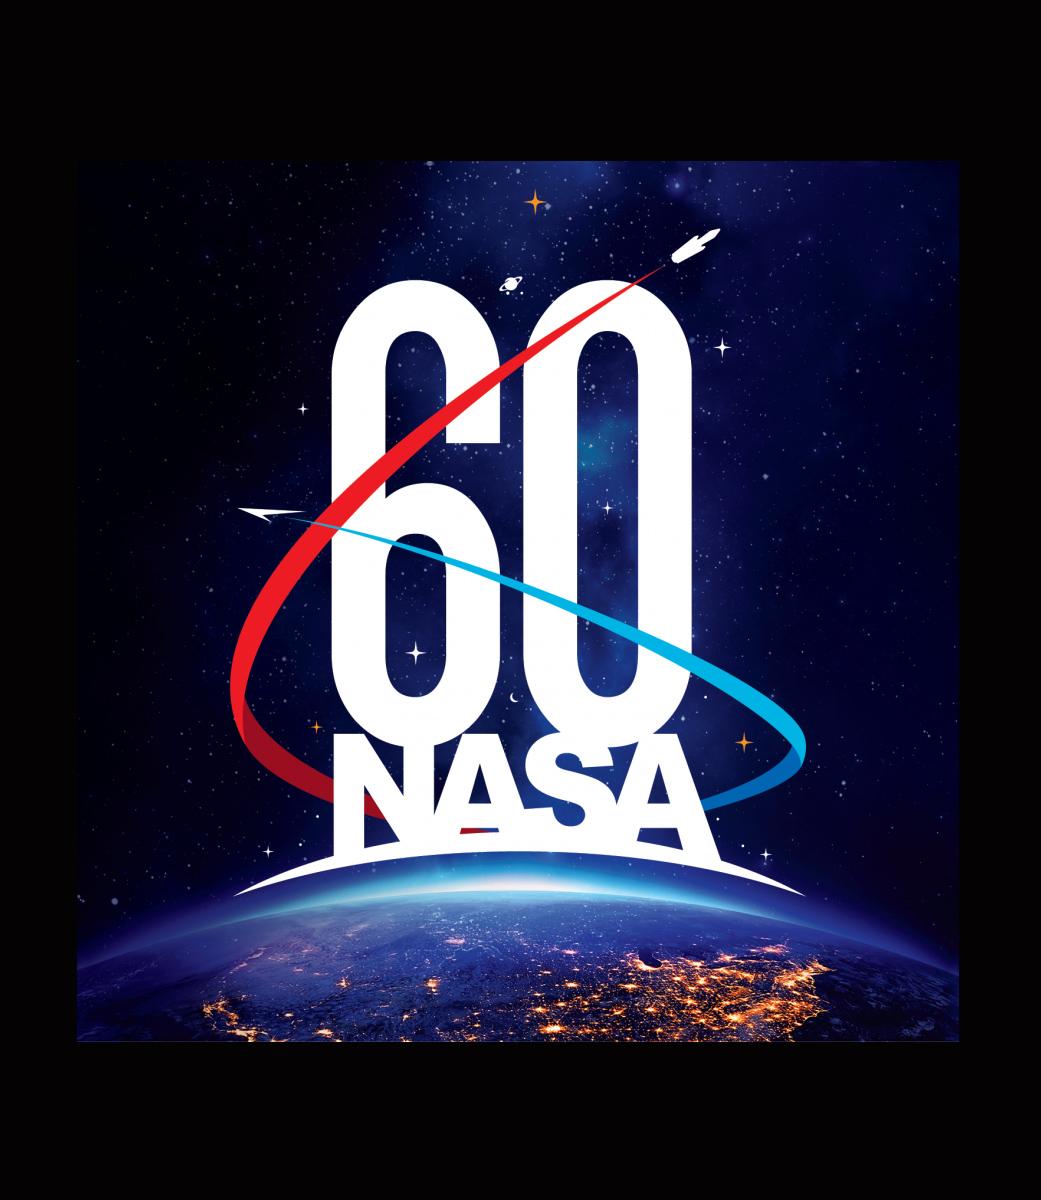 60-ta rocznica powstania NASA